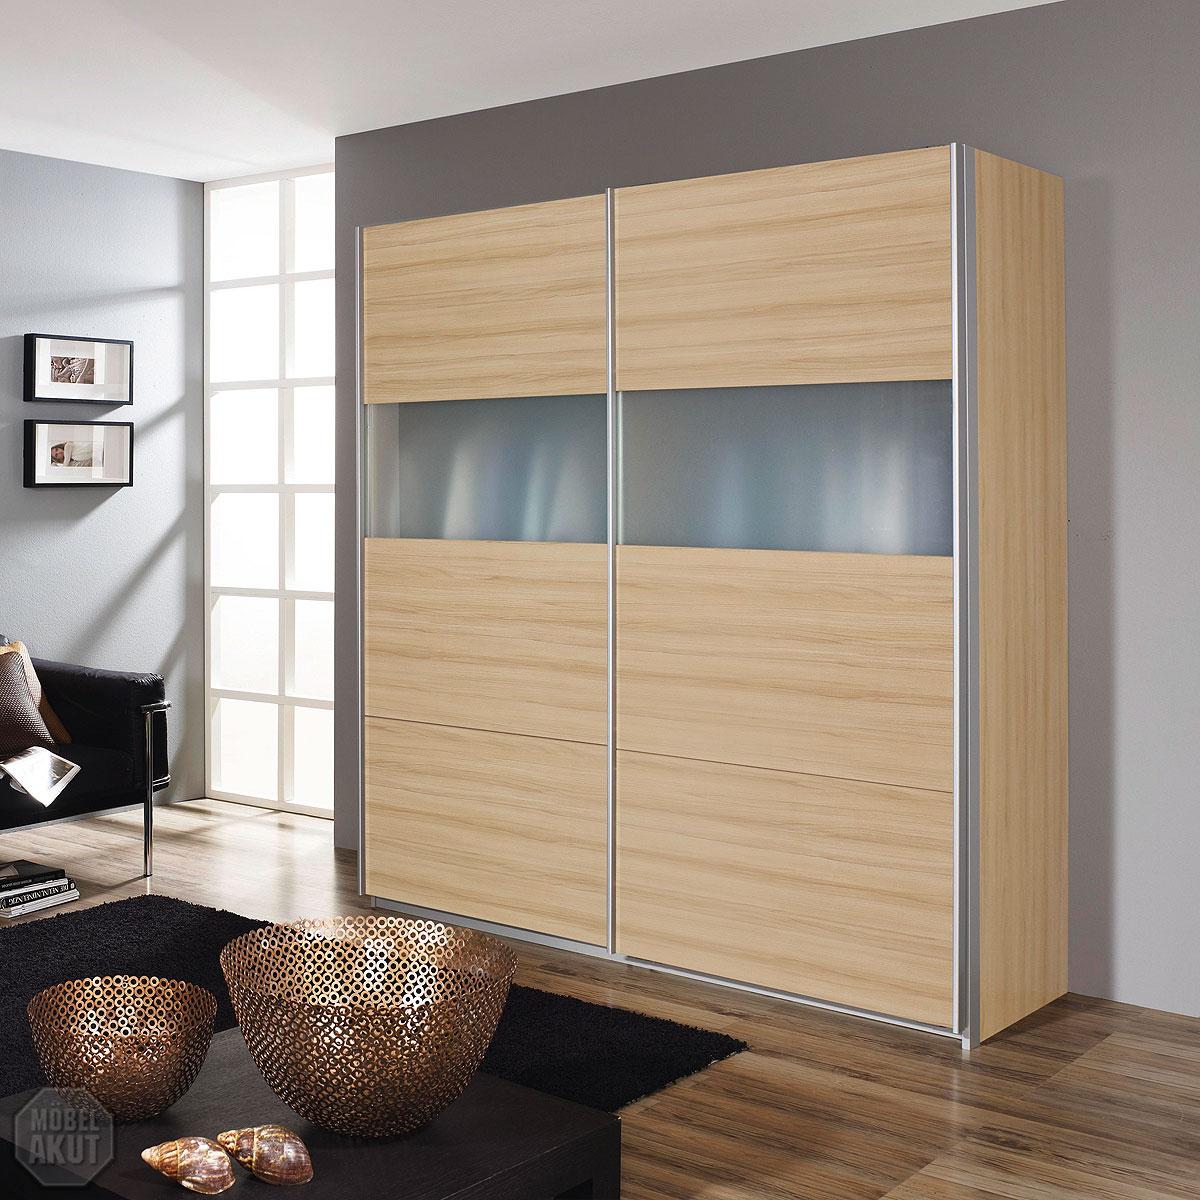 schwebet renschrank angolo schrank kleiderschrank buche milchglas 136 ebay. Black Bedroom Furniture Sets. Home Design Ideas